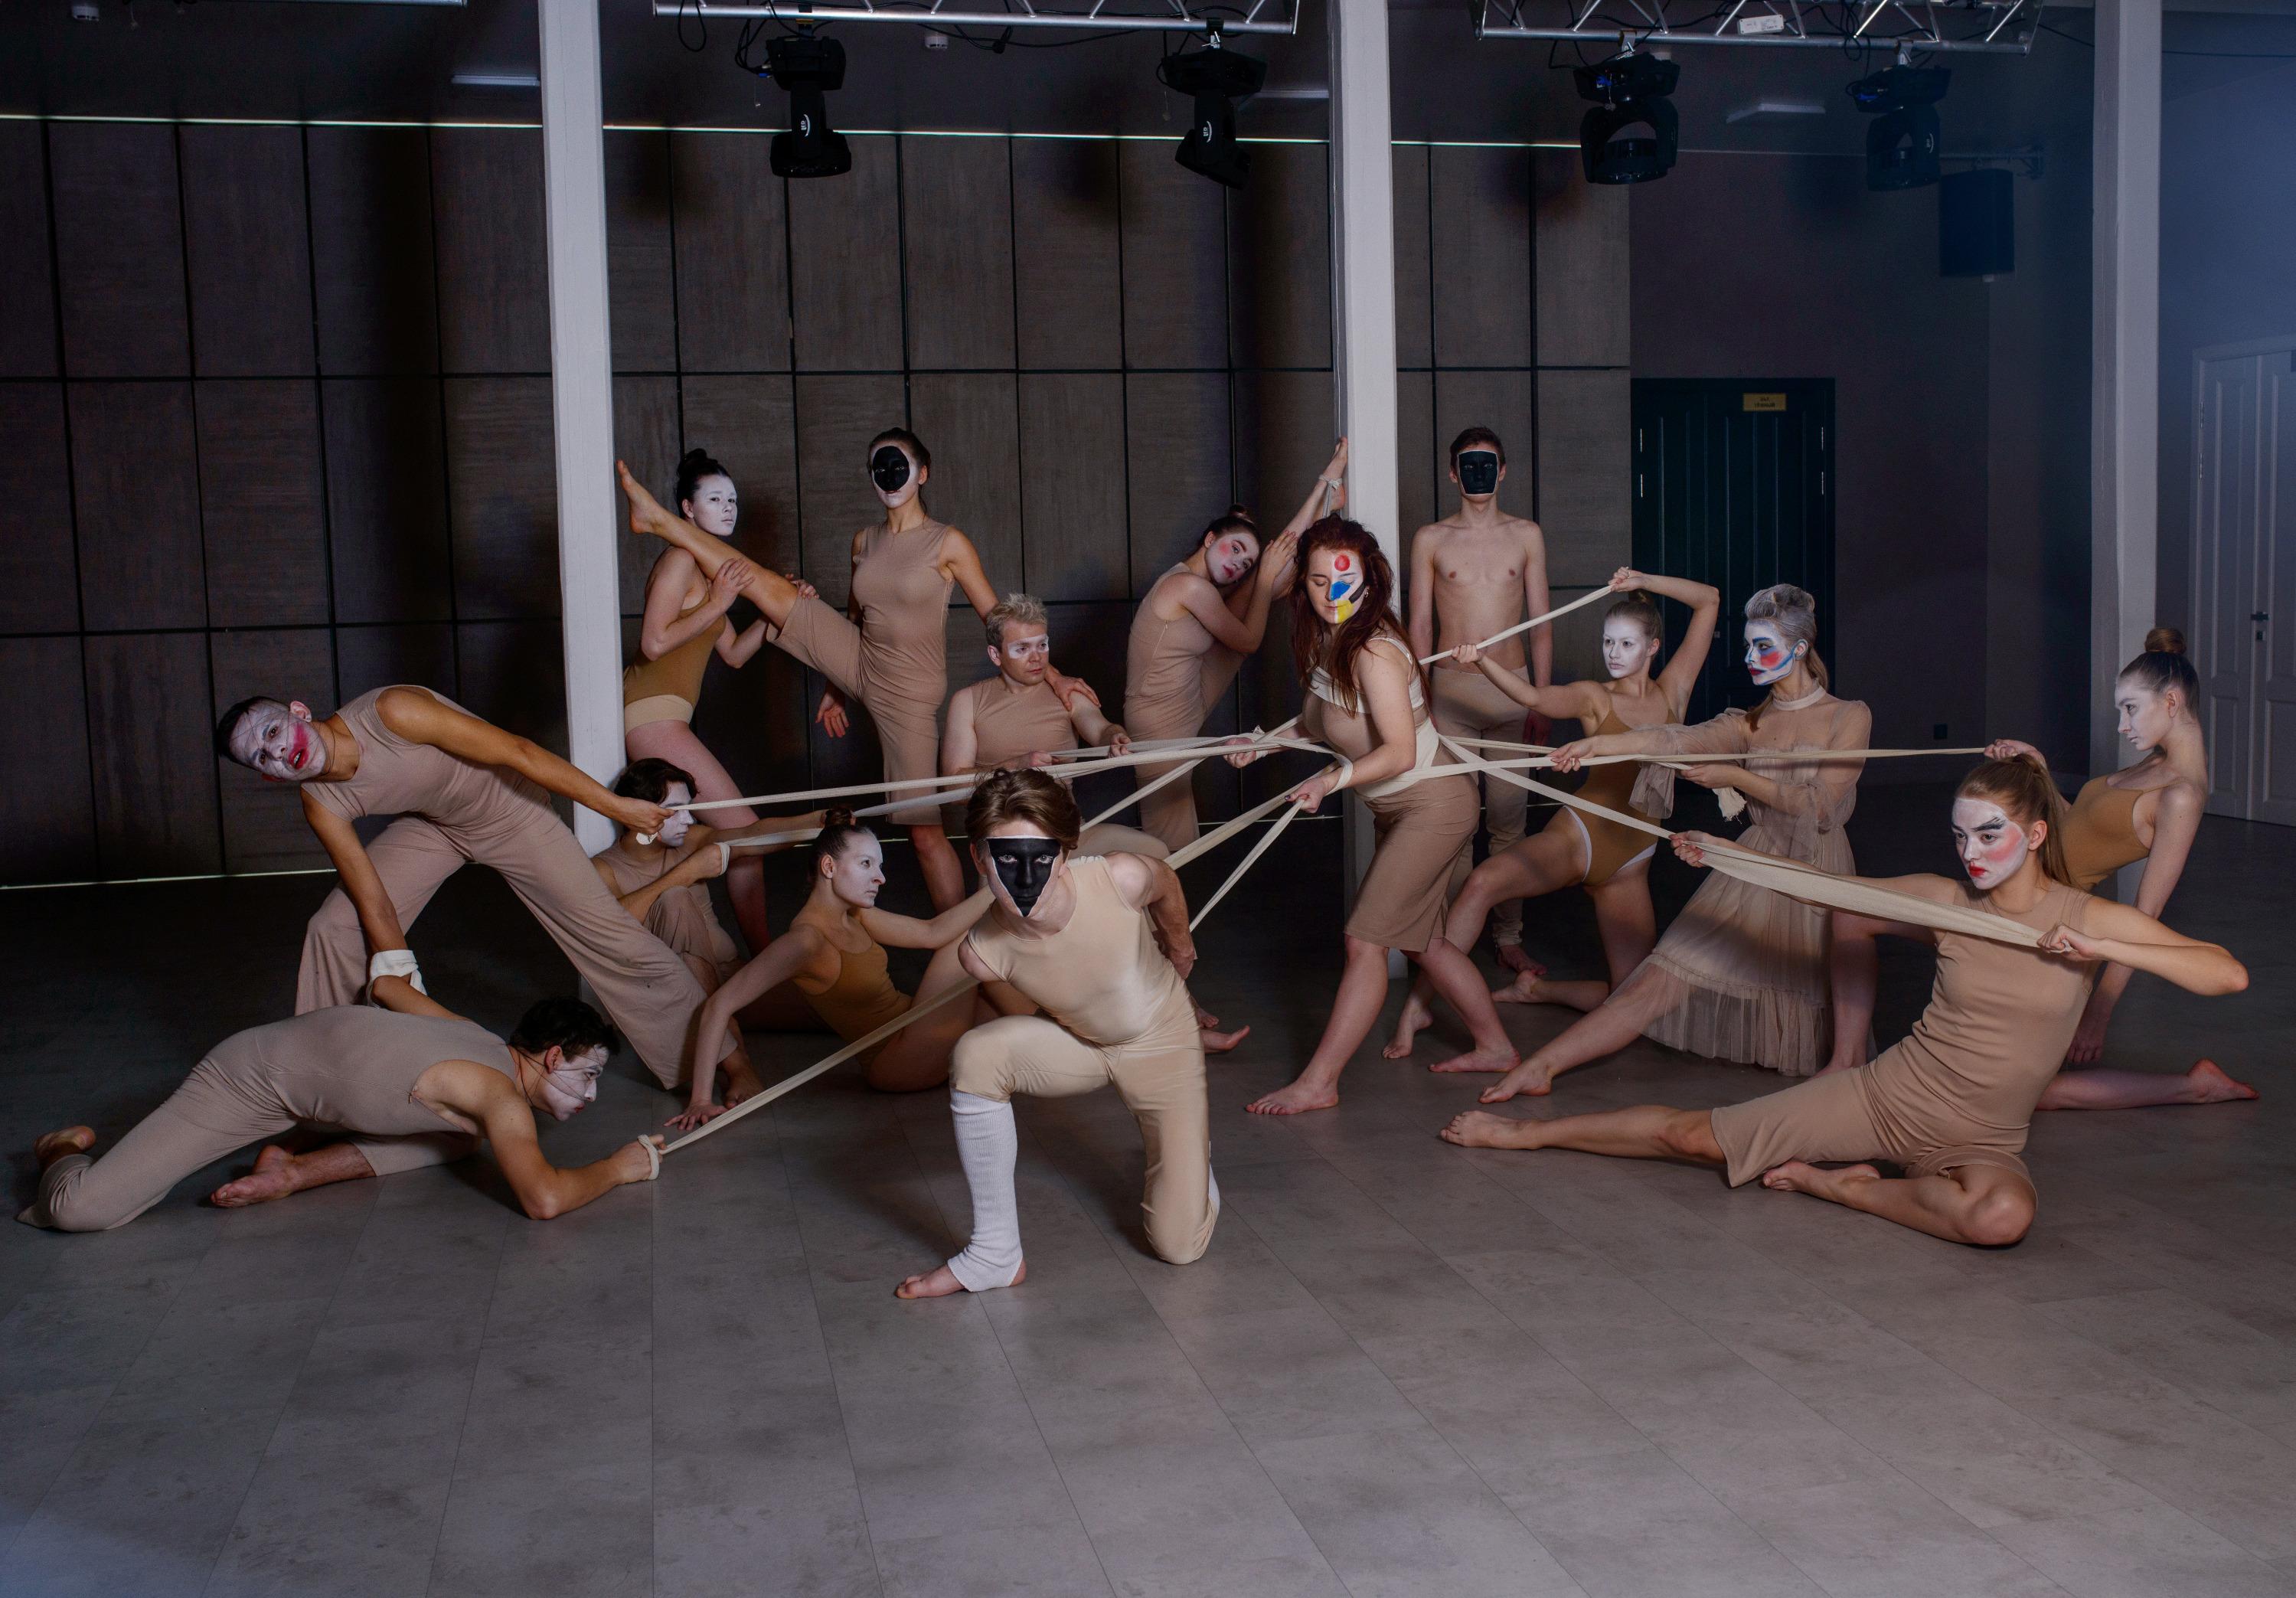 Фотограф призналась, что было нелегко работать с 15 людьми в кадре одновременно